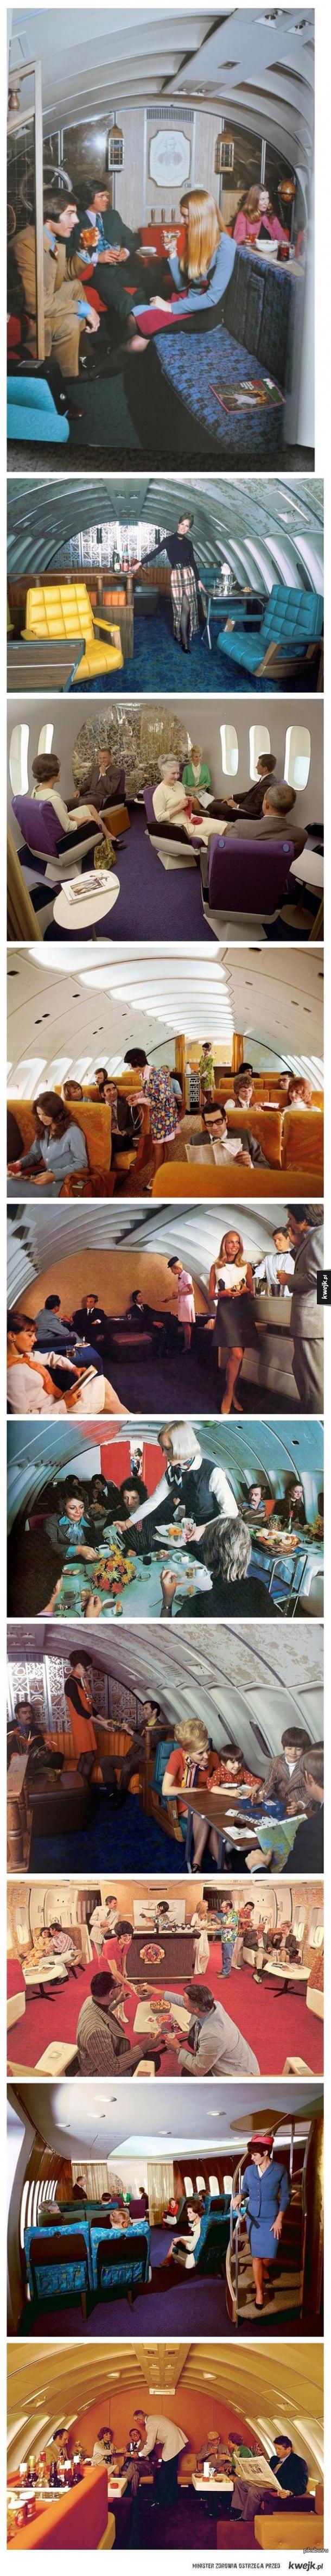 Samoloty pasażerskie z drugiej połowy XX wieku